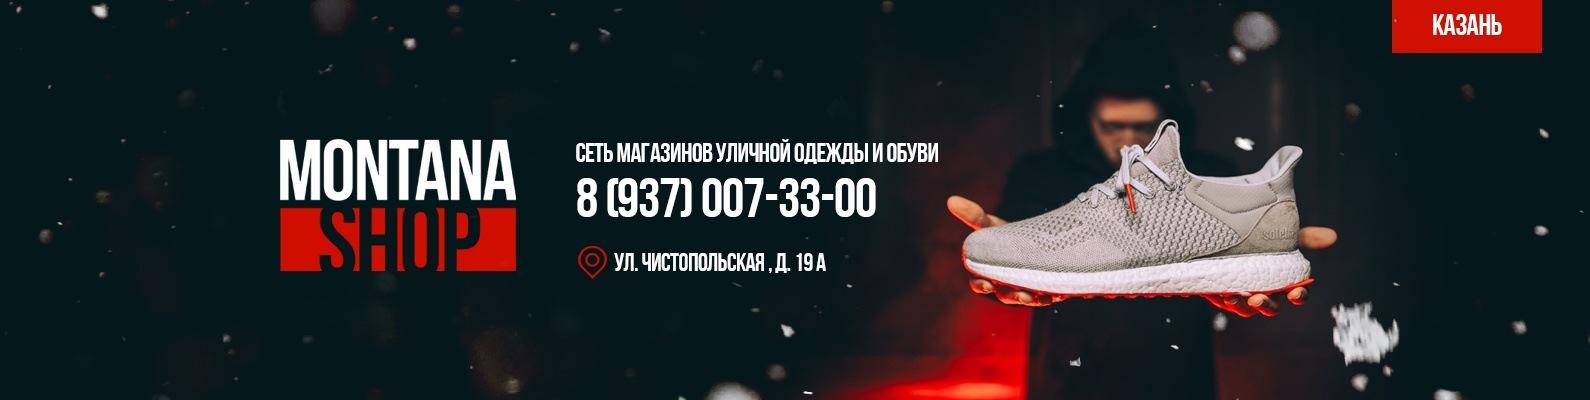 acbba40c MONTANA SHOP | КРОССОВКИ КАЗАНЬ | Доставка по РФ | ВКонтакте